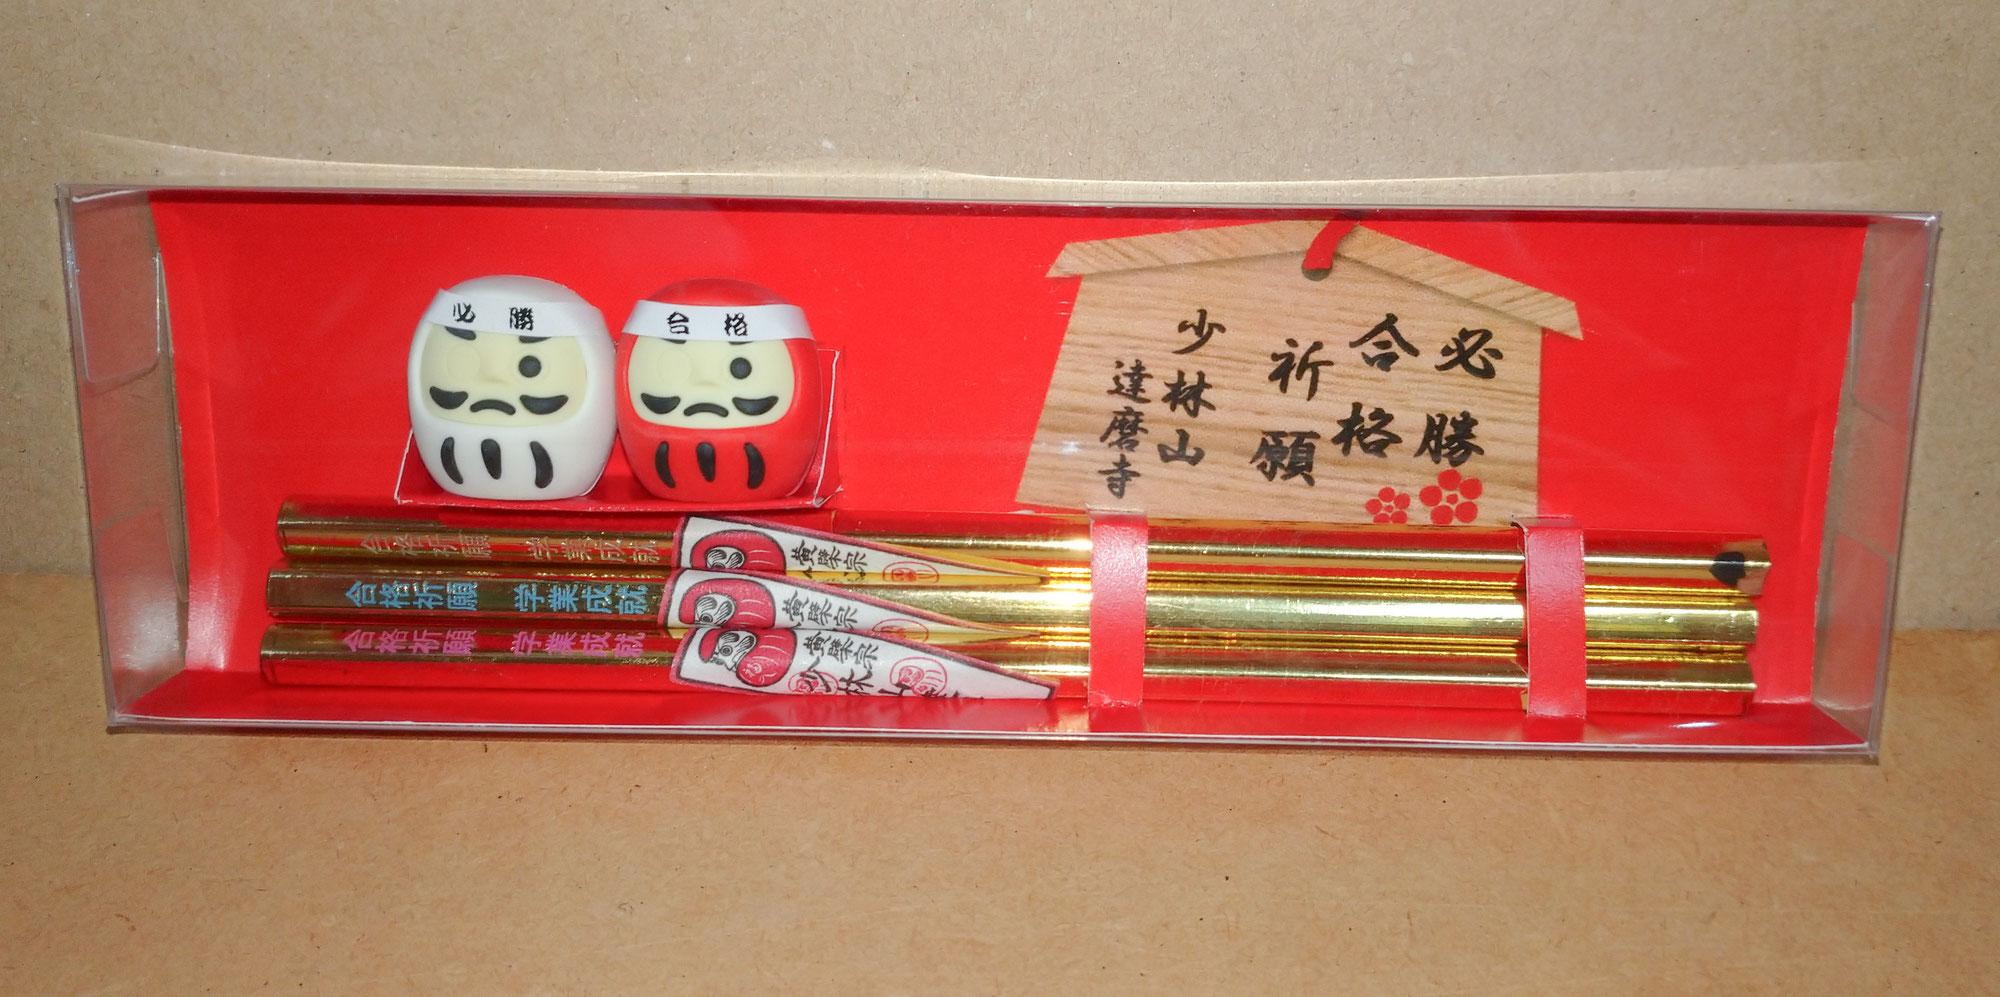 少林山達磨寺 特製の授与品 「金の合格プレミアムセット」